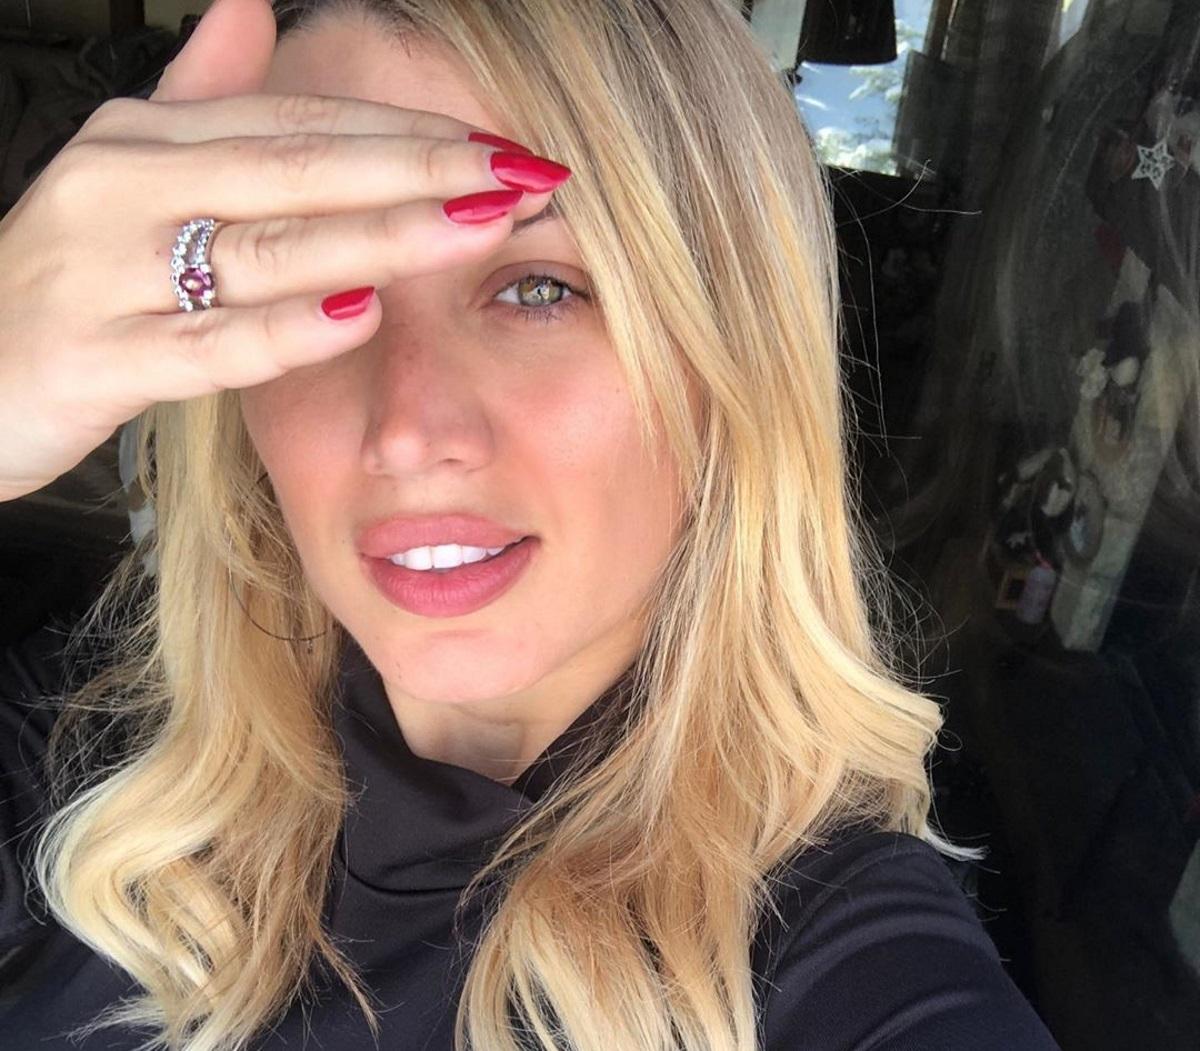 Κωνσταντίνα Σπυροπούλου: Έτσι επιβεβαίωσε ότι έχει νέο αμόρε; [pic]